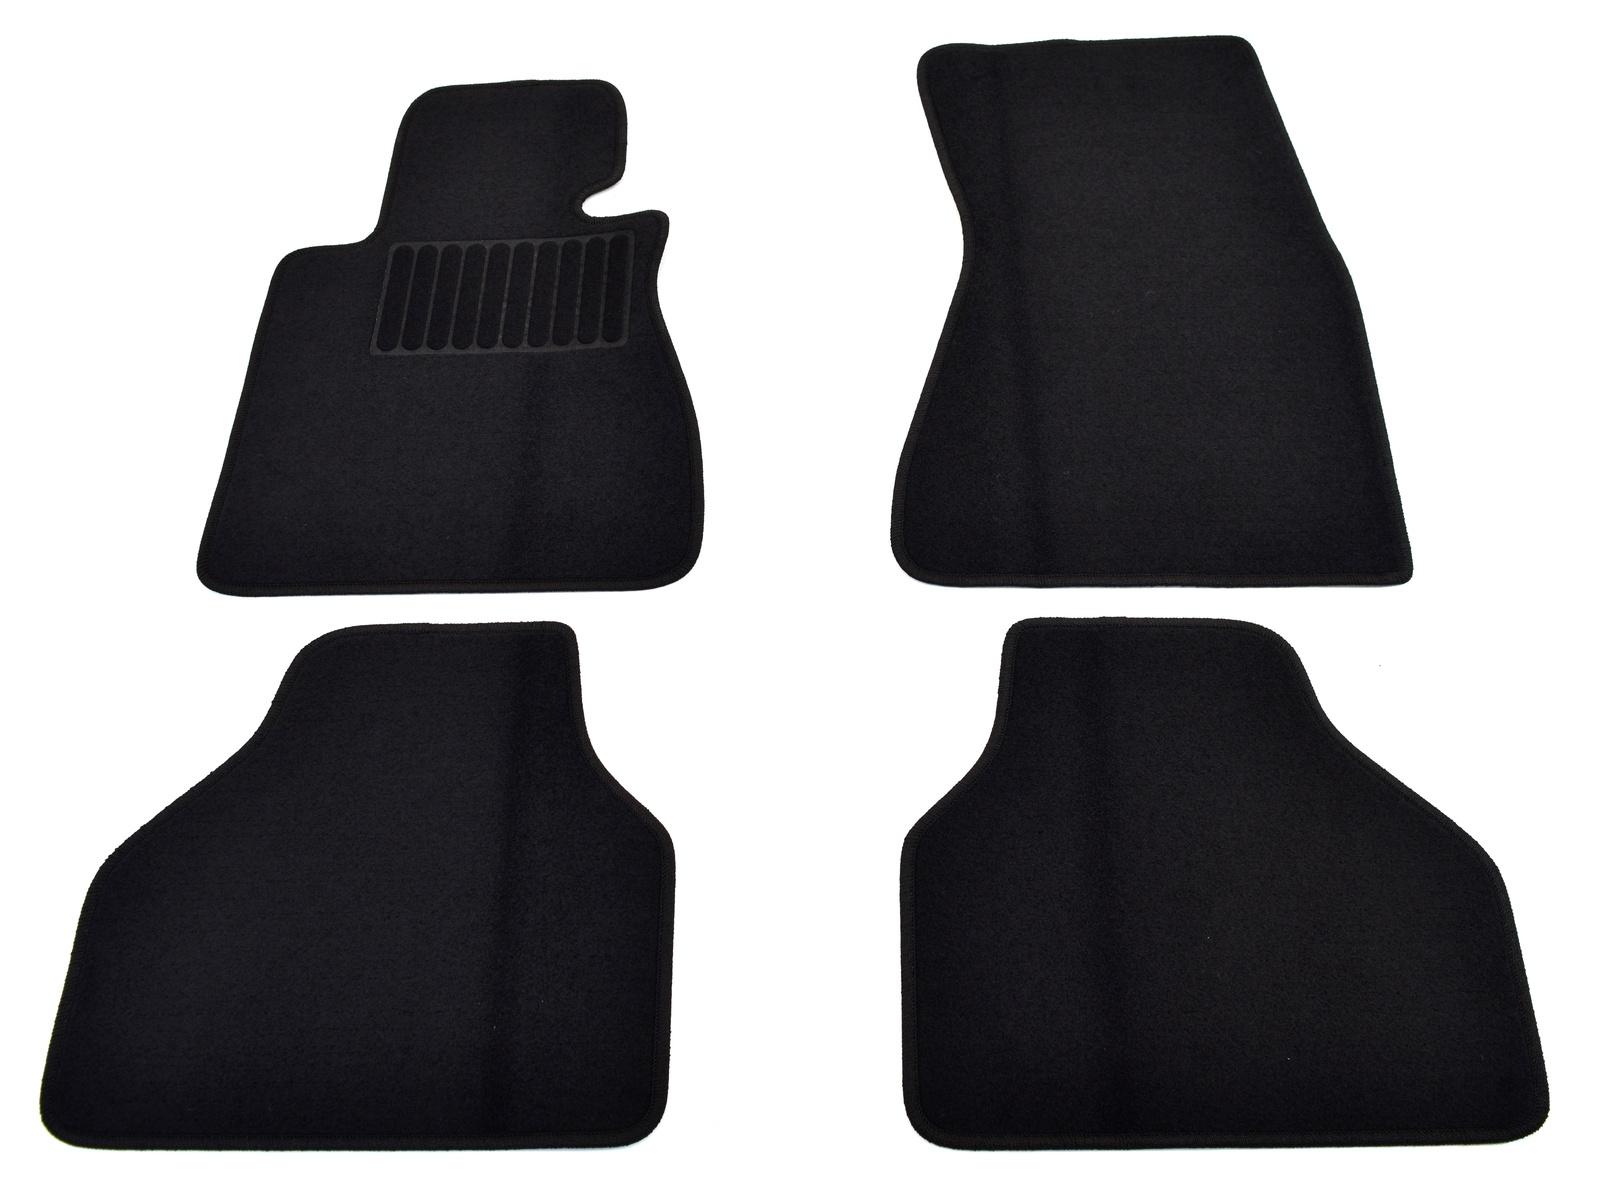 Коврики в салон автомобиля SV Design, для daewoo nexia, 1995-, 1903-unf3-15n, текстильные, черный